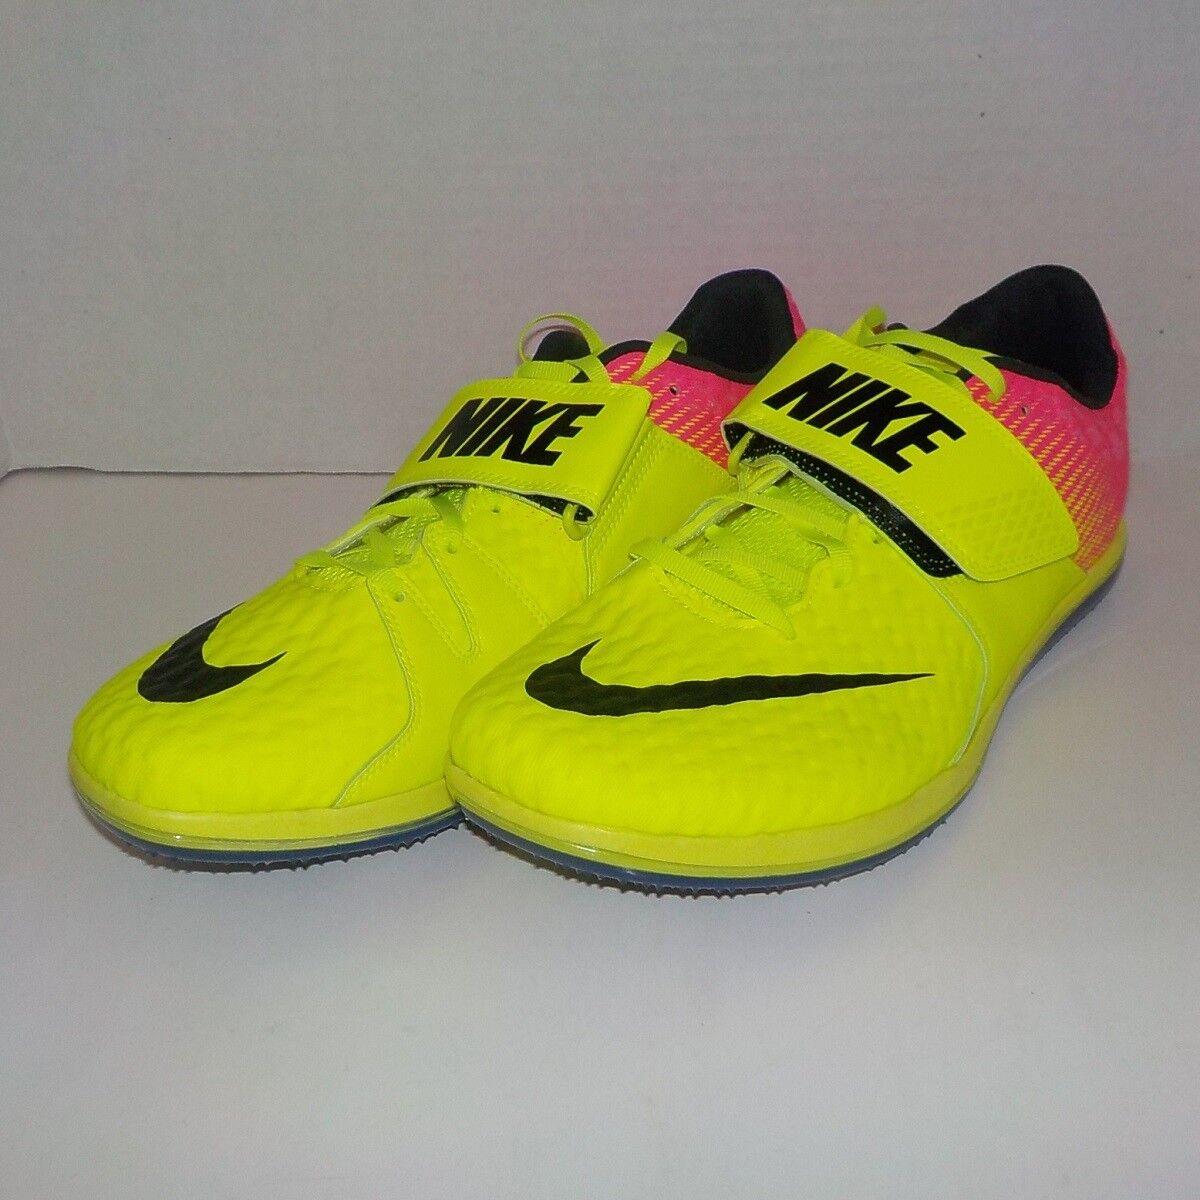 Nike HIGH JUMP ELITE Track Field VOLT PINK 806561 999 SIZE 9.5 Bag+Spikes & SRT